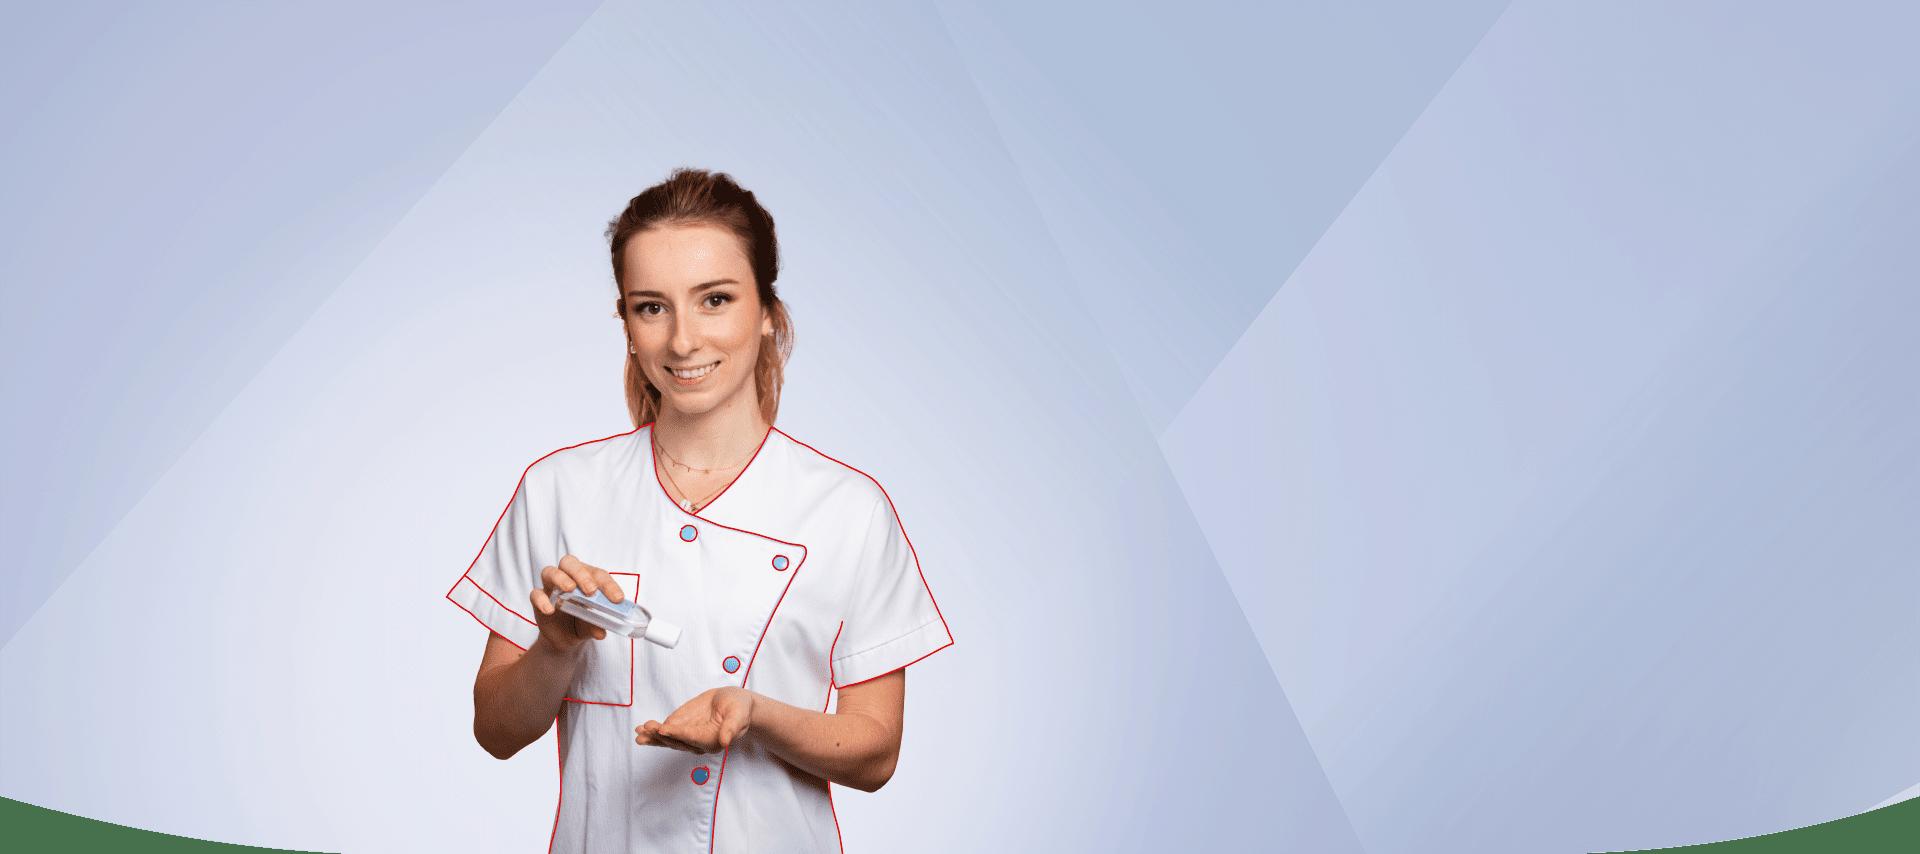 Mélissa infirmière 2020